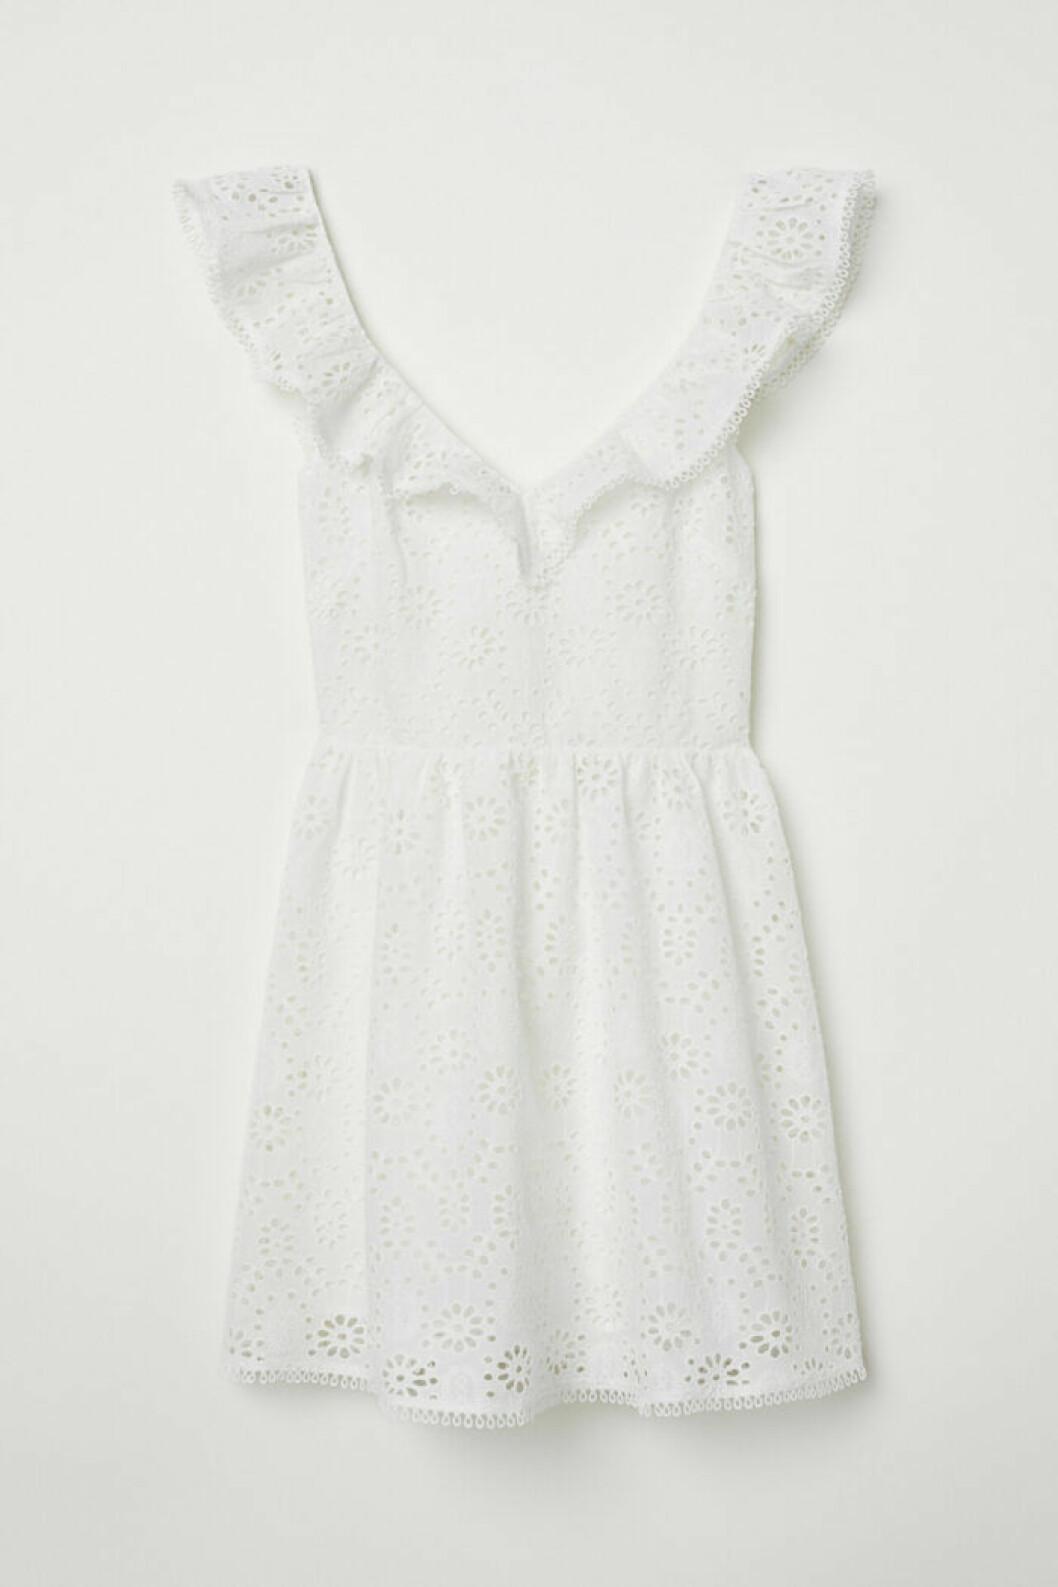 Billig studentklänning i spets från H&M